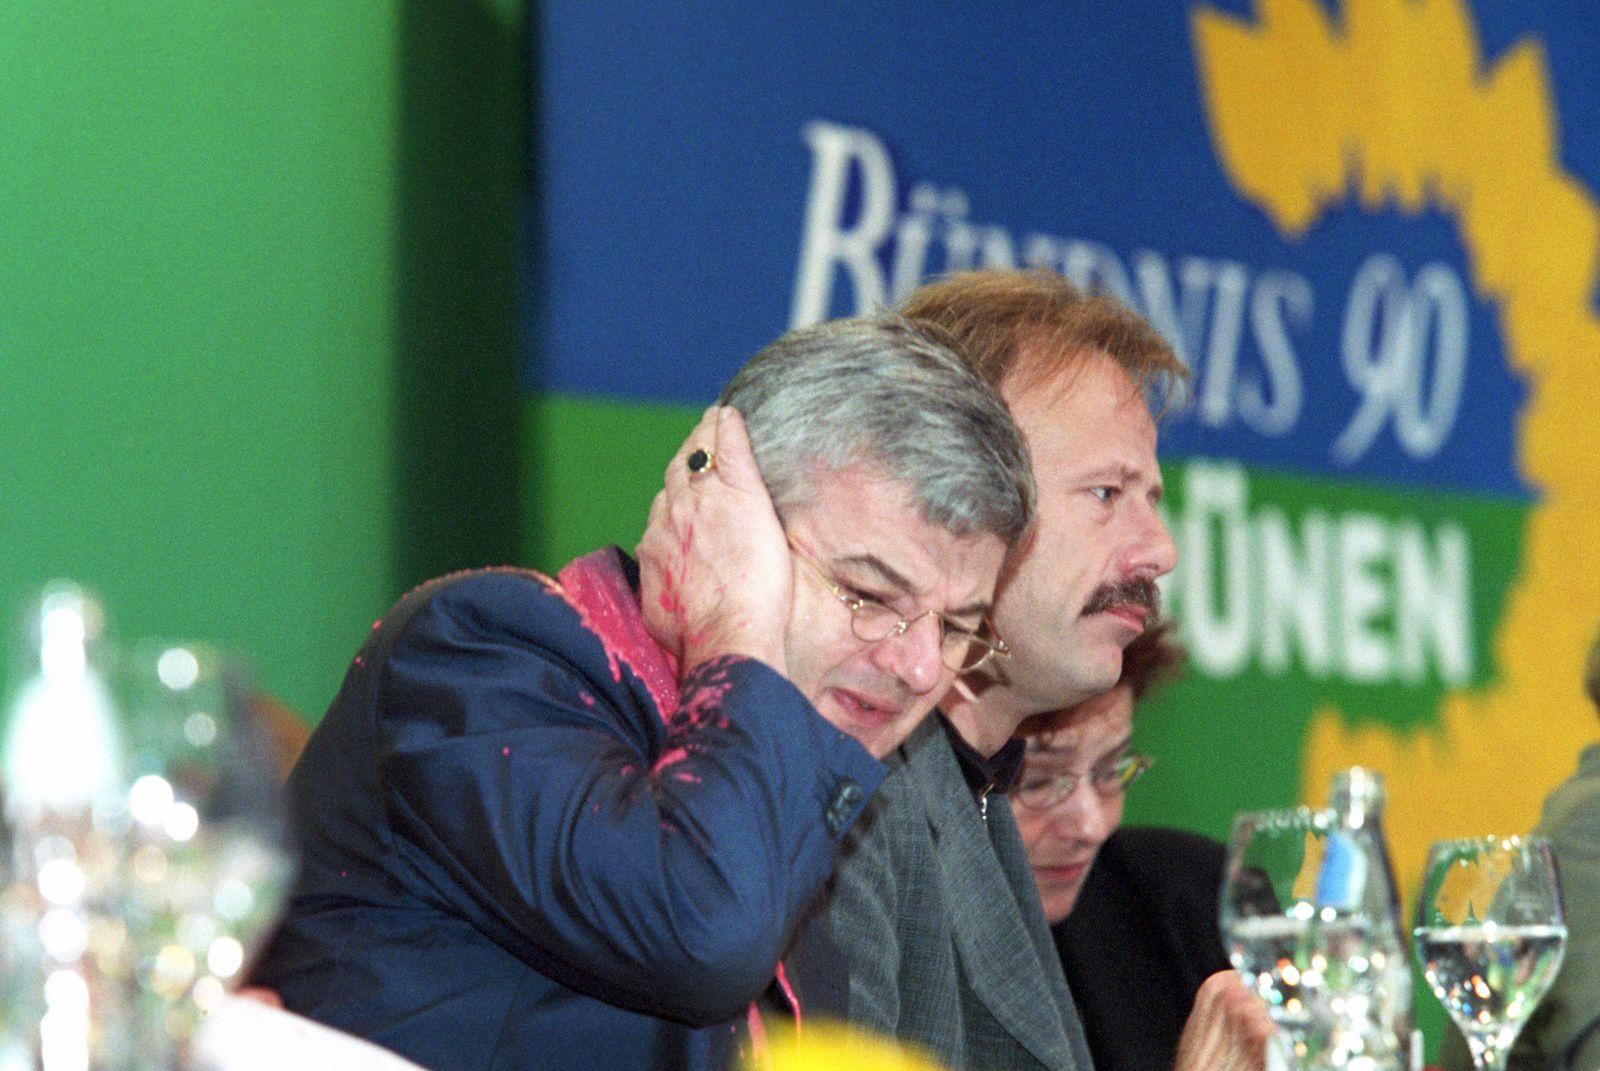 Grünen-Parteitag 1999 - Farbbeutel auf Fischer